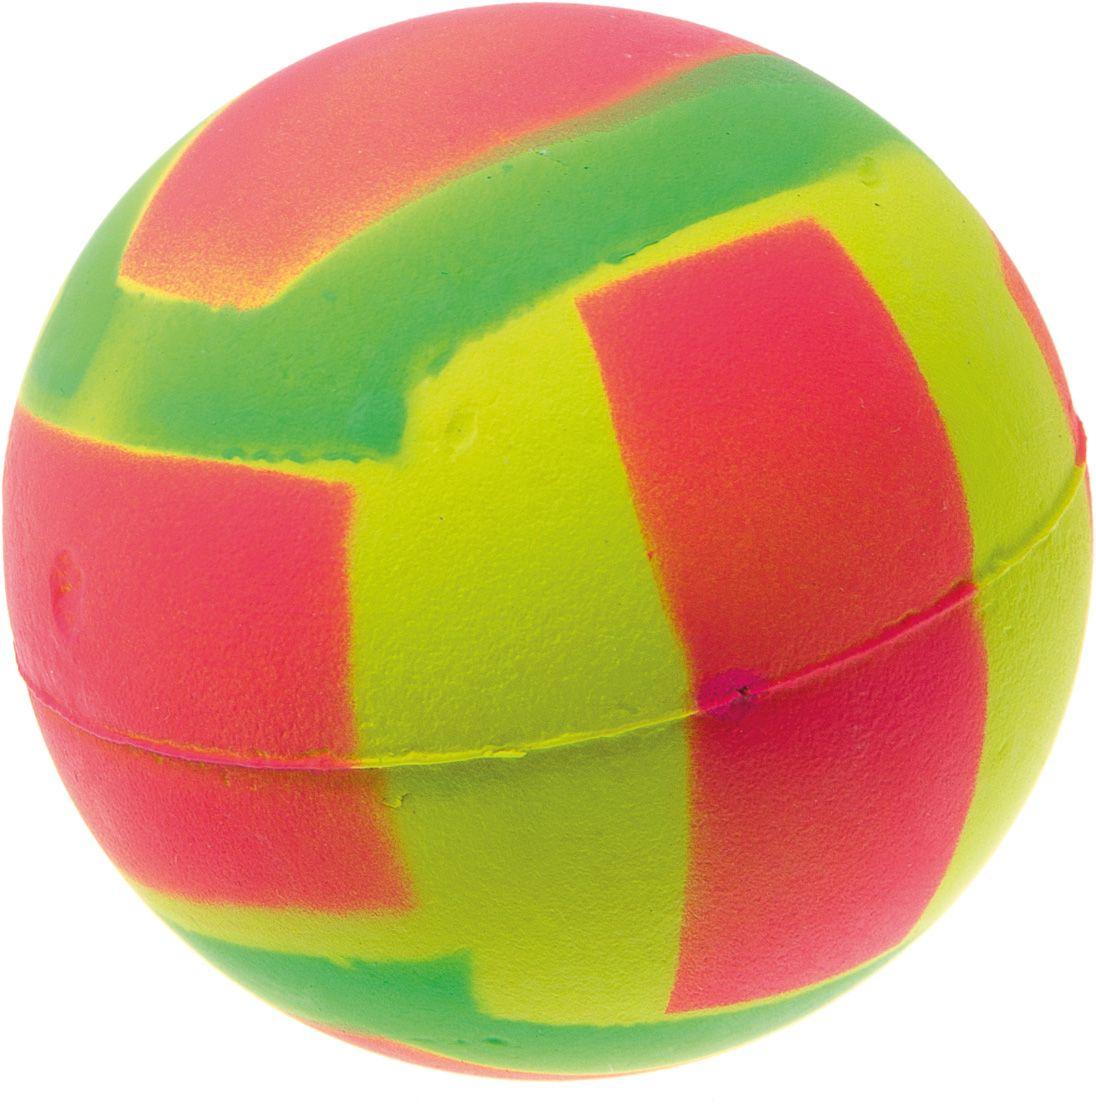 Мяч волейбольный V.I.Pet Неон, цвет: мультиколор, диаметр 63 мм. 20-11190120710Предназначен для игр, тренировок и активного отдыха с животными. Мяч заинтересует и увлечёт вашего питомца. Сделана из абсолютно безопасного и качественного материала. Материал: вспененная резина.